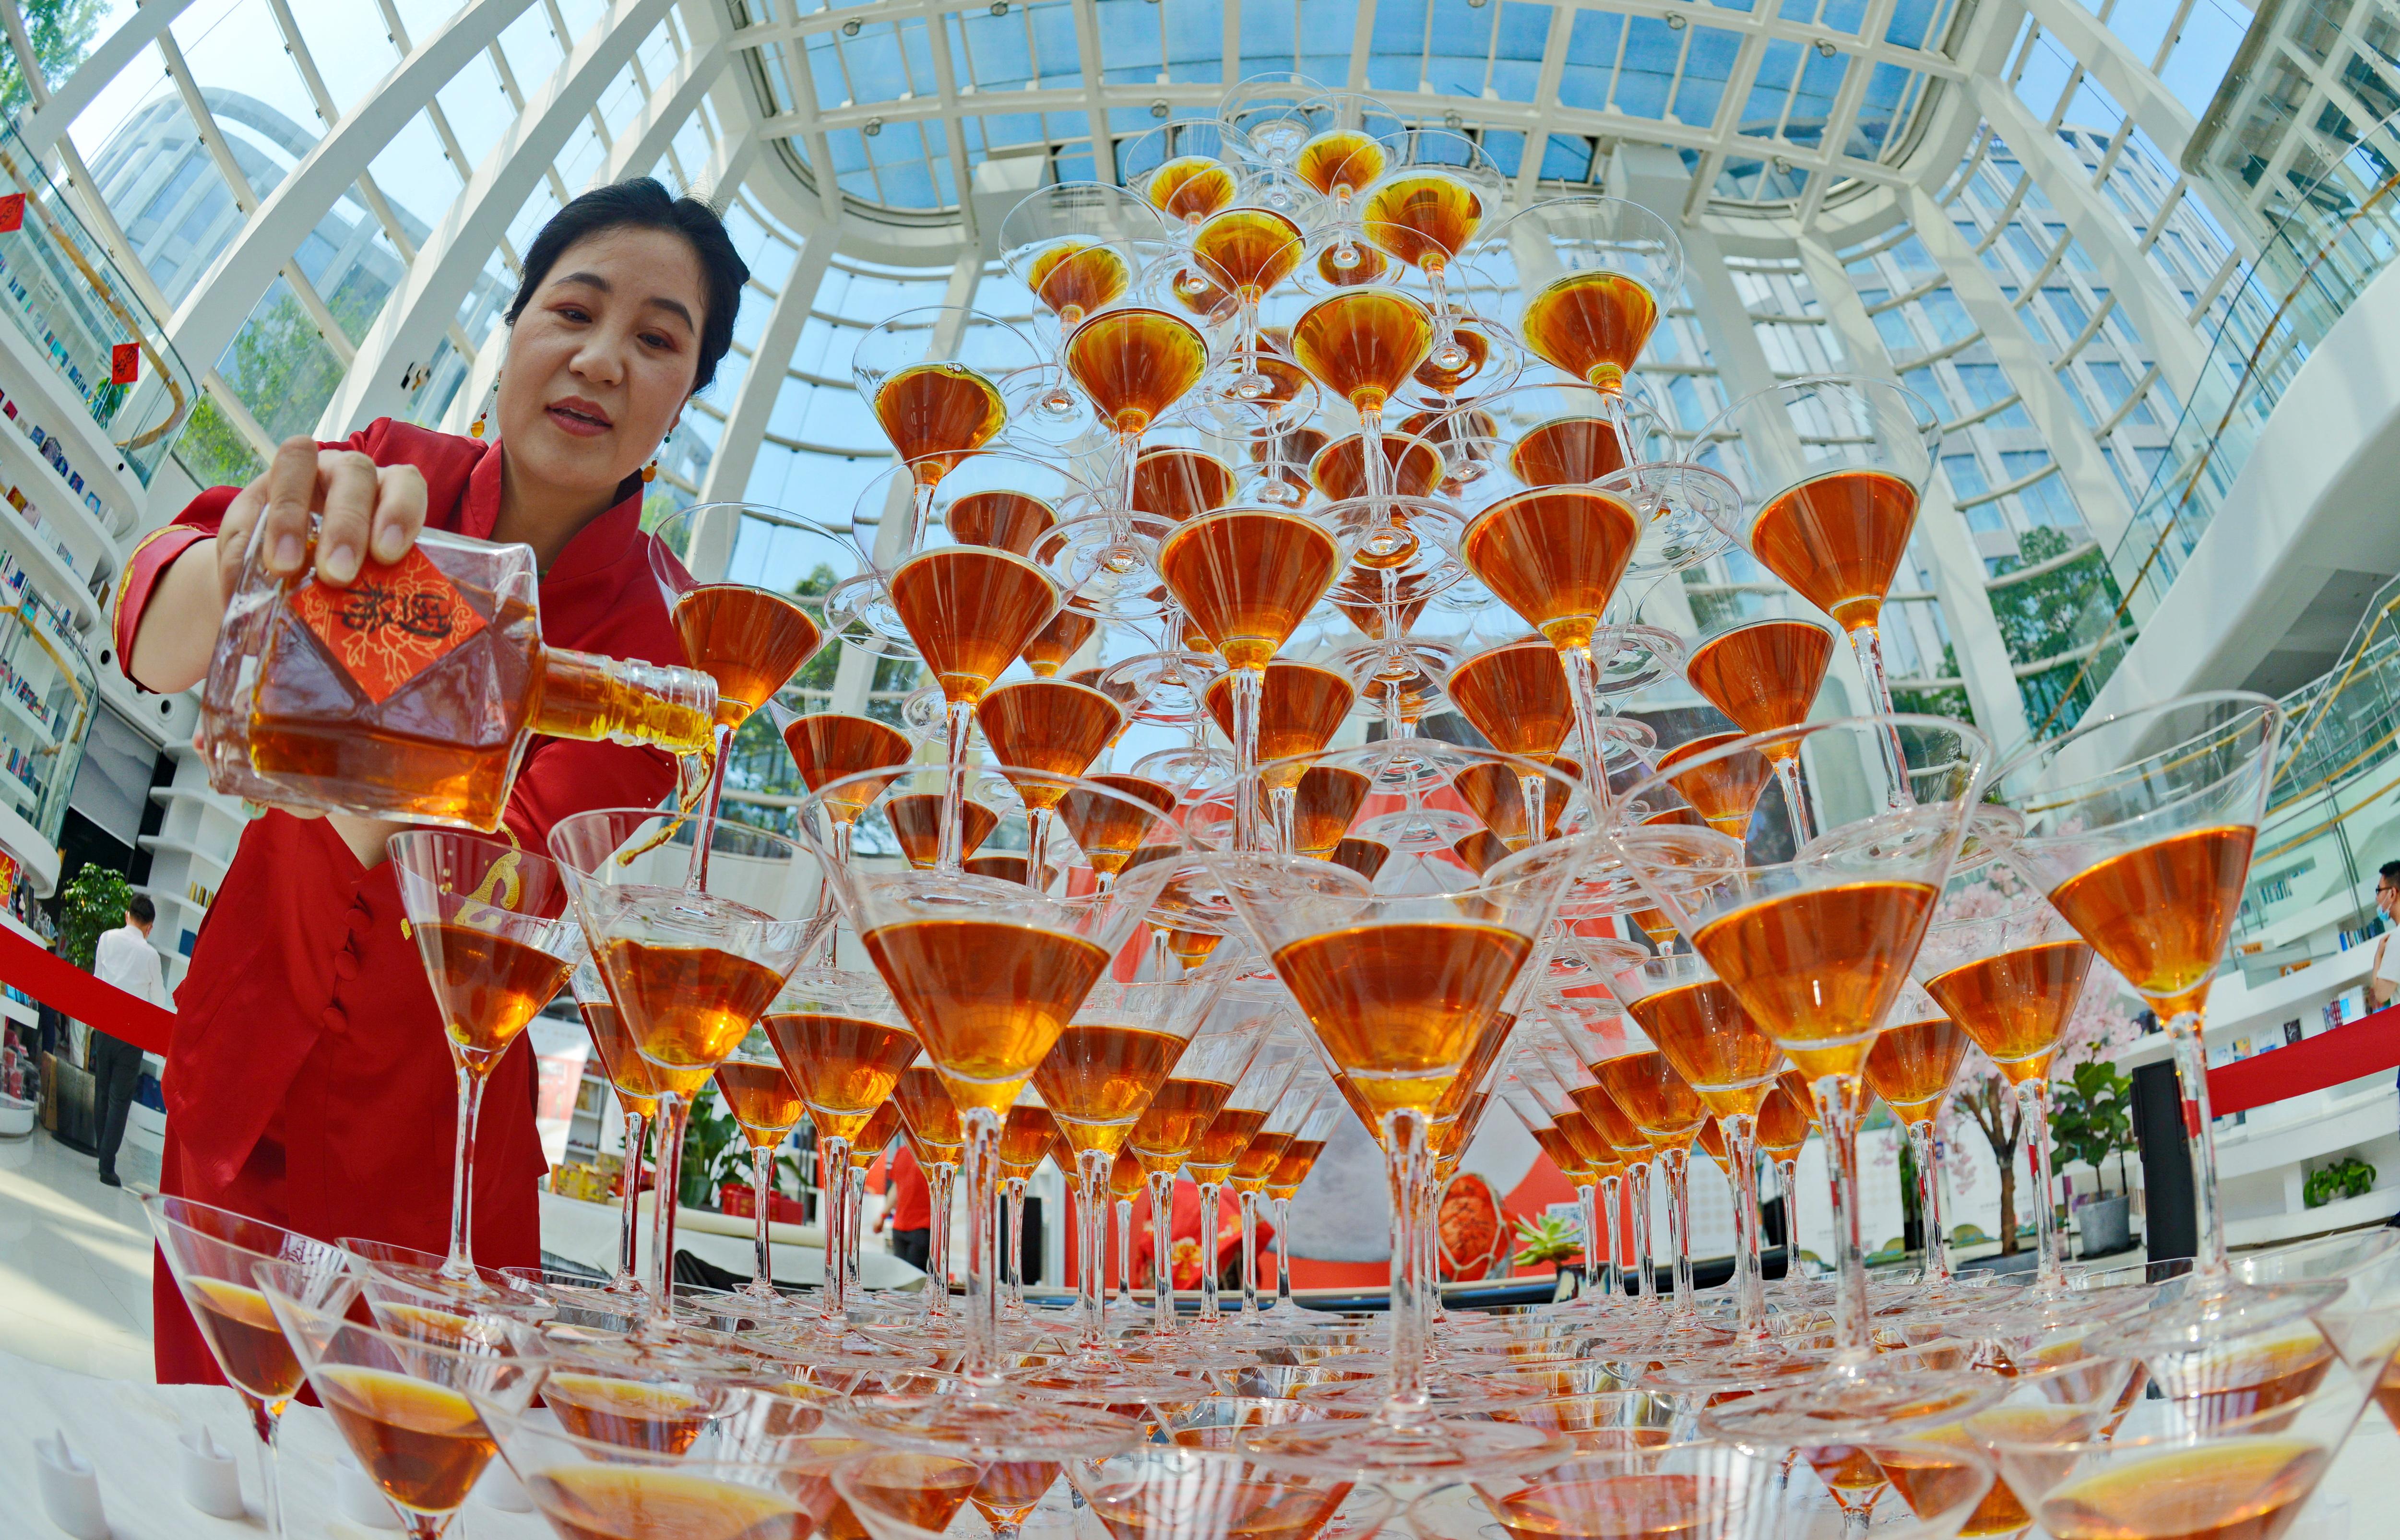 高脚杯中品国酒,绍兴黄酒酿造技术突破传统,两款新酒给你不一样的味蕾体验